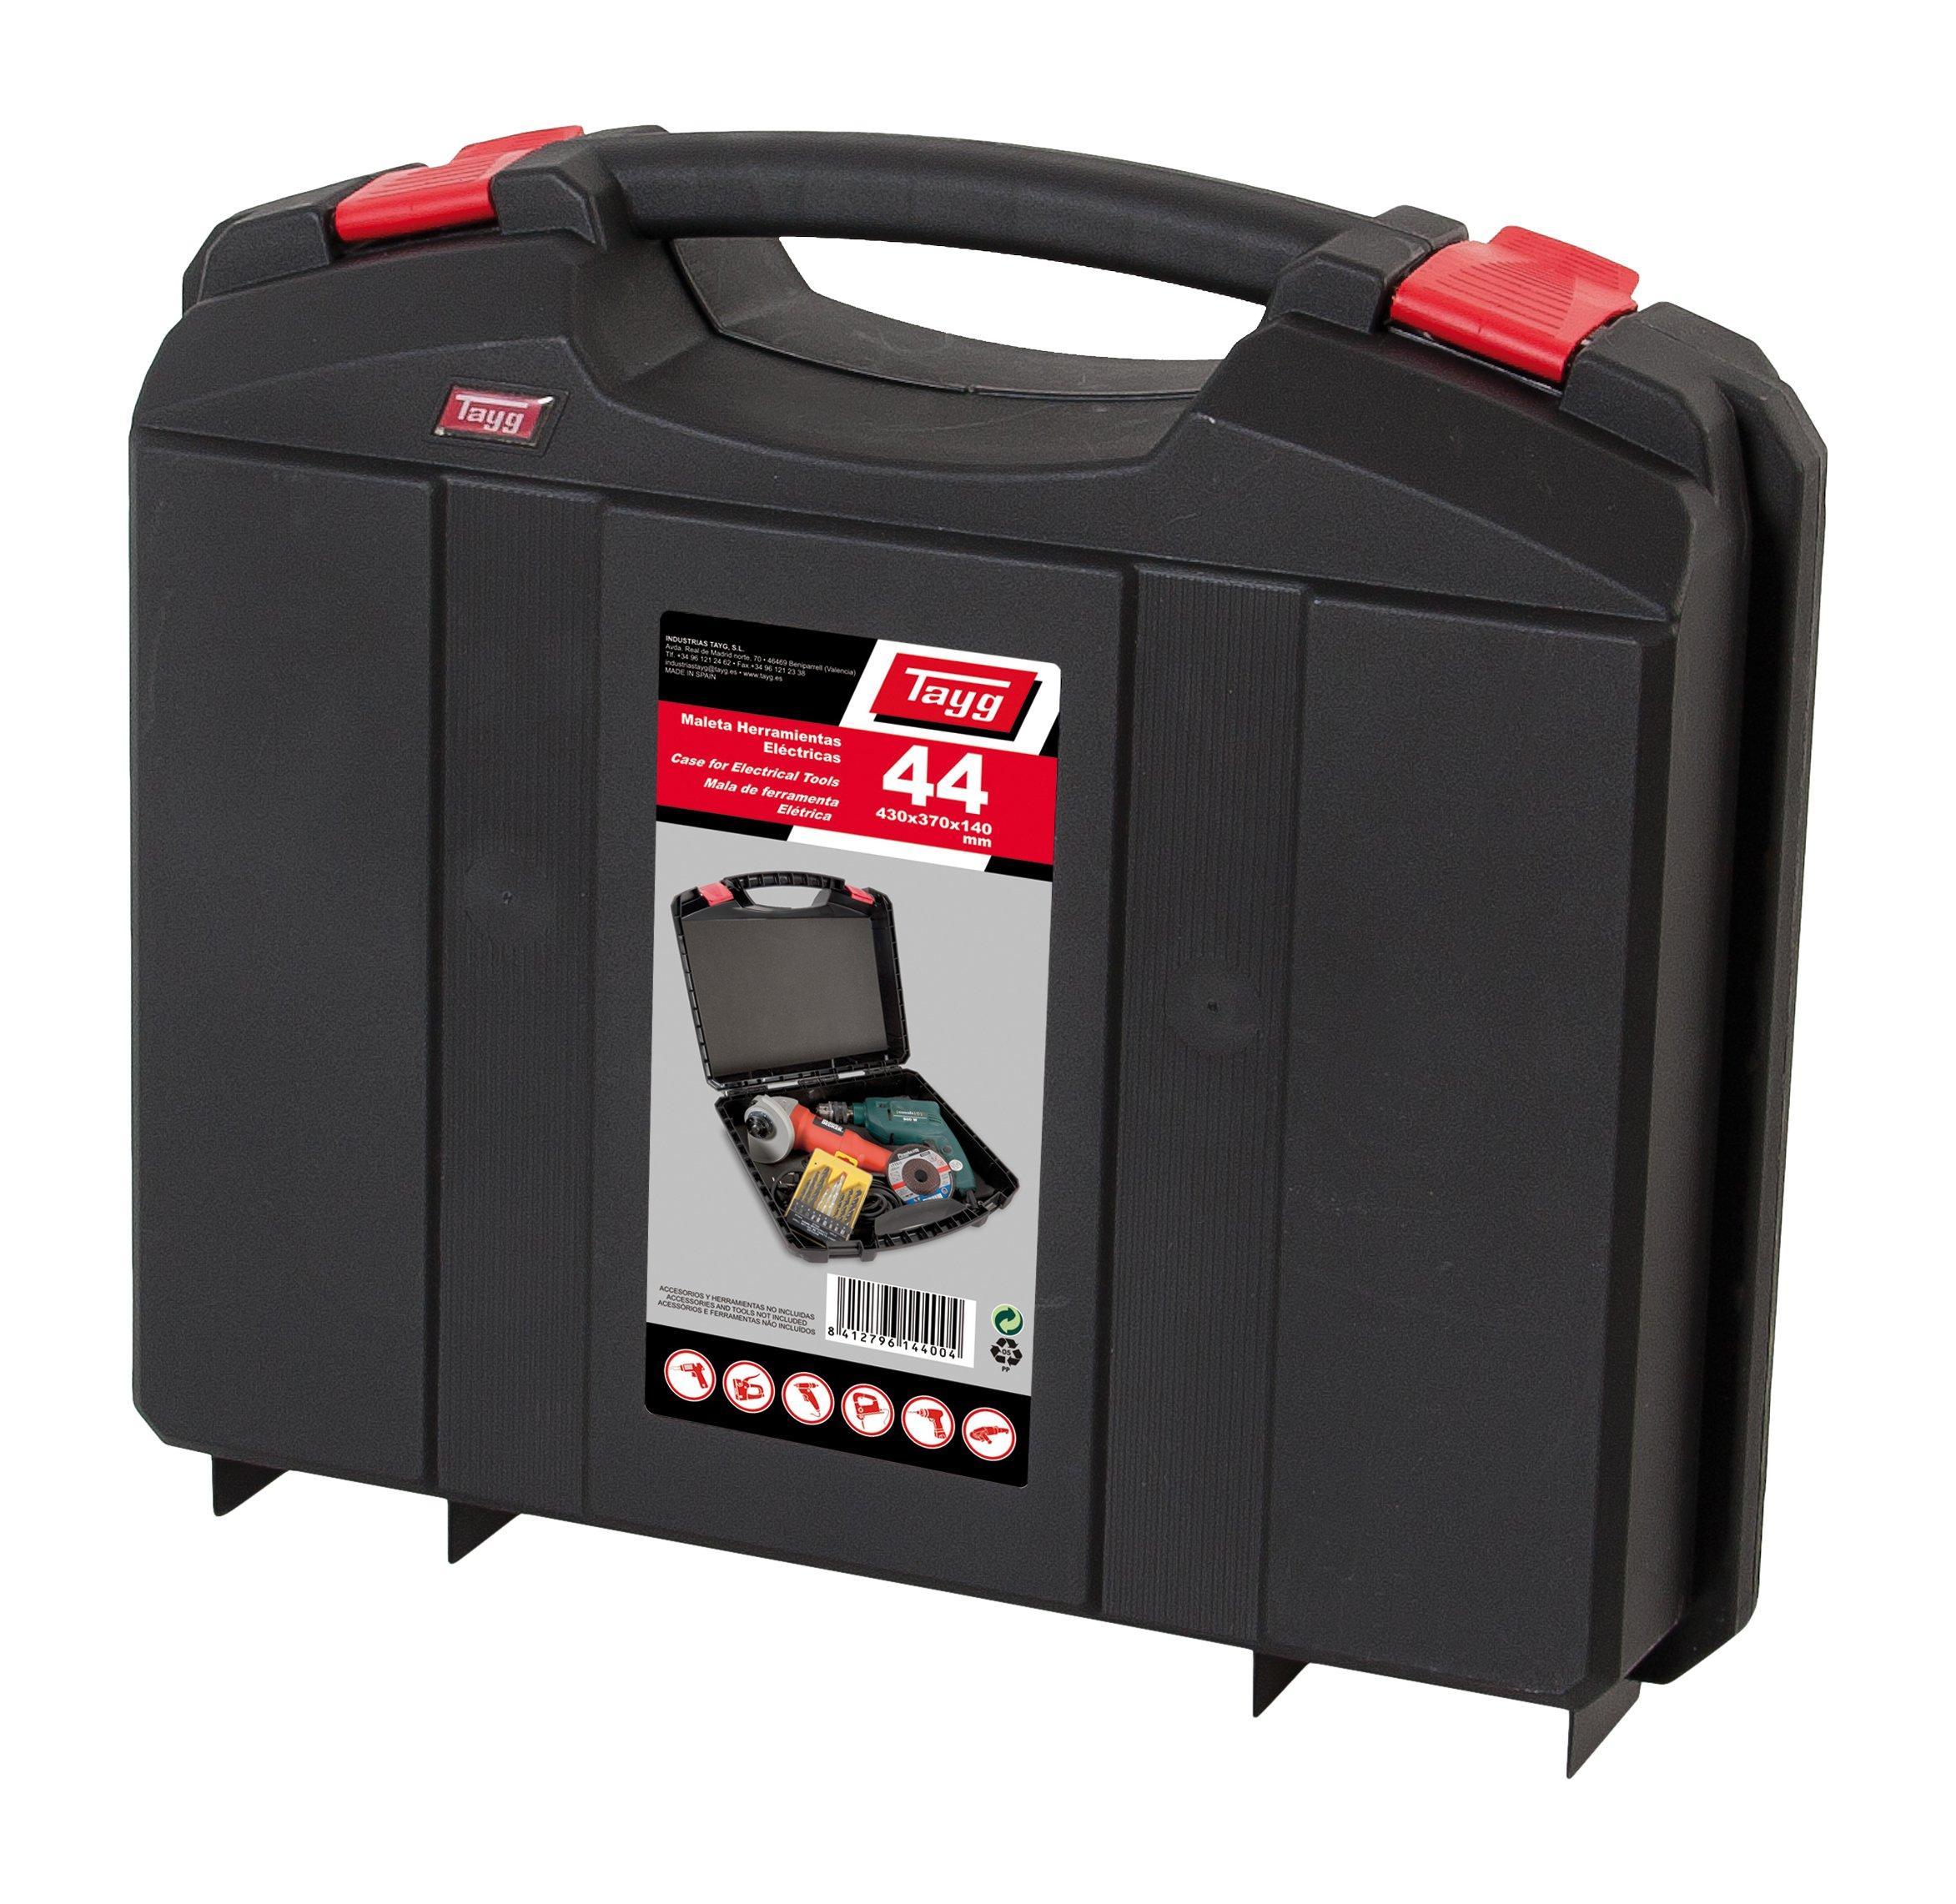 Tayg - Maleta herramientas eléctricas nº 44 product image